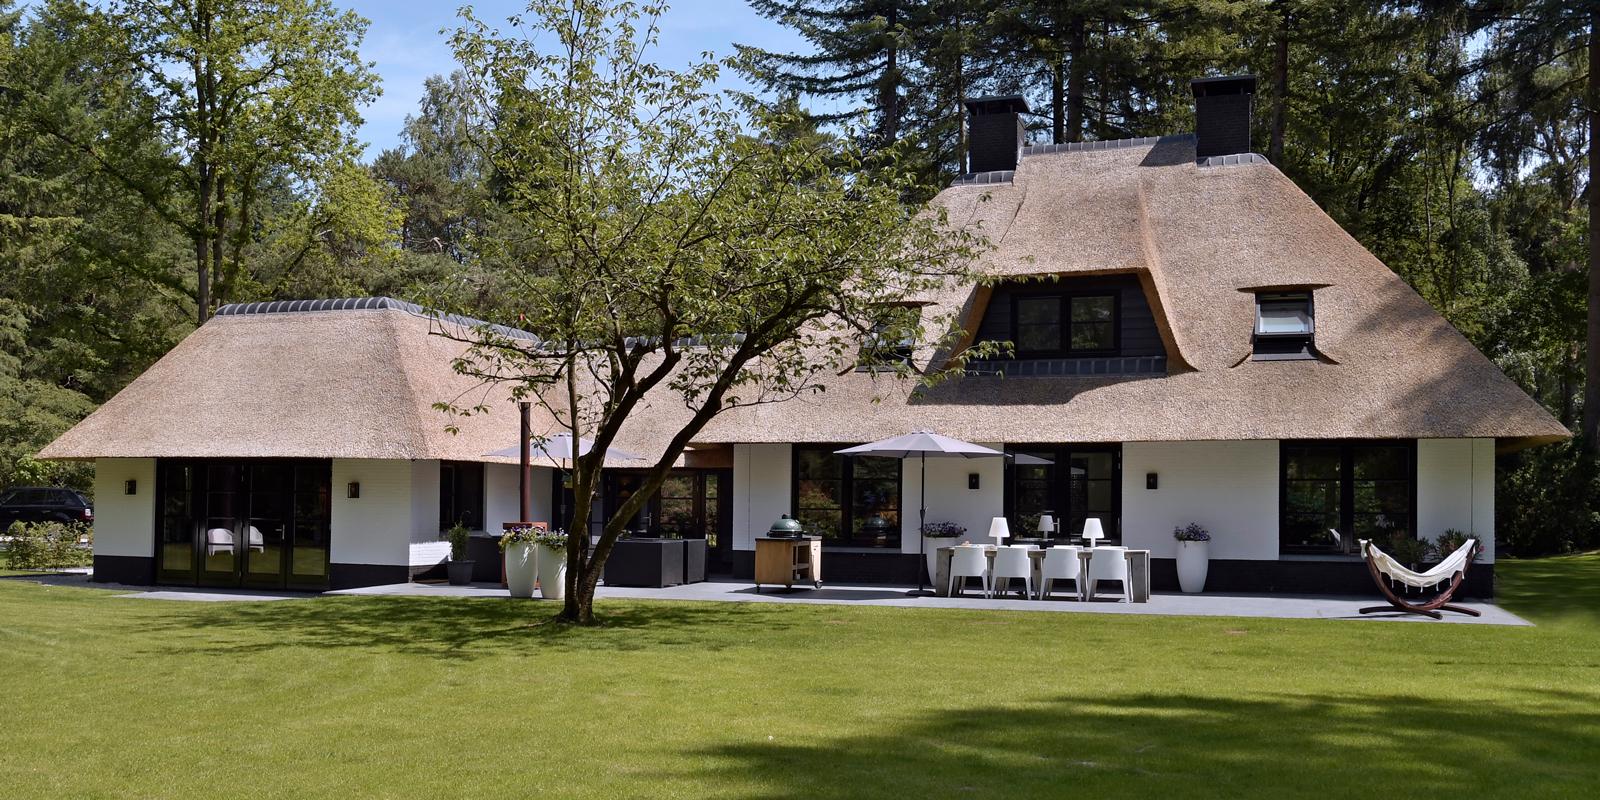 Nieuwbouw, Leeflang architectuur, Henk Leeflang, Rieten dak, witte villa, nieuwbouw villa, klassieke woning, Klassiek interieur, Maatwerk interieur